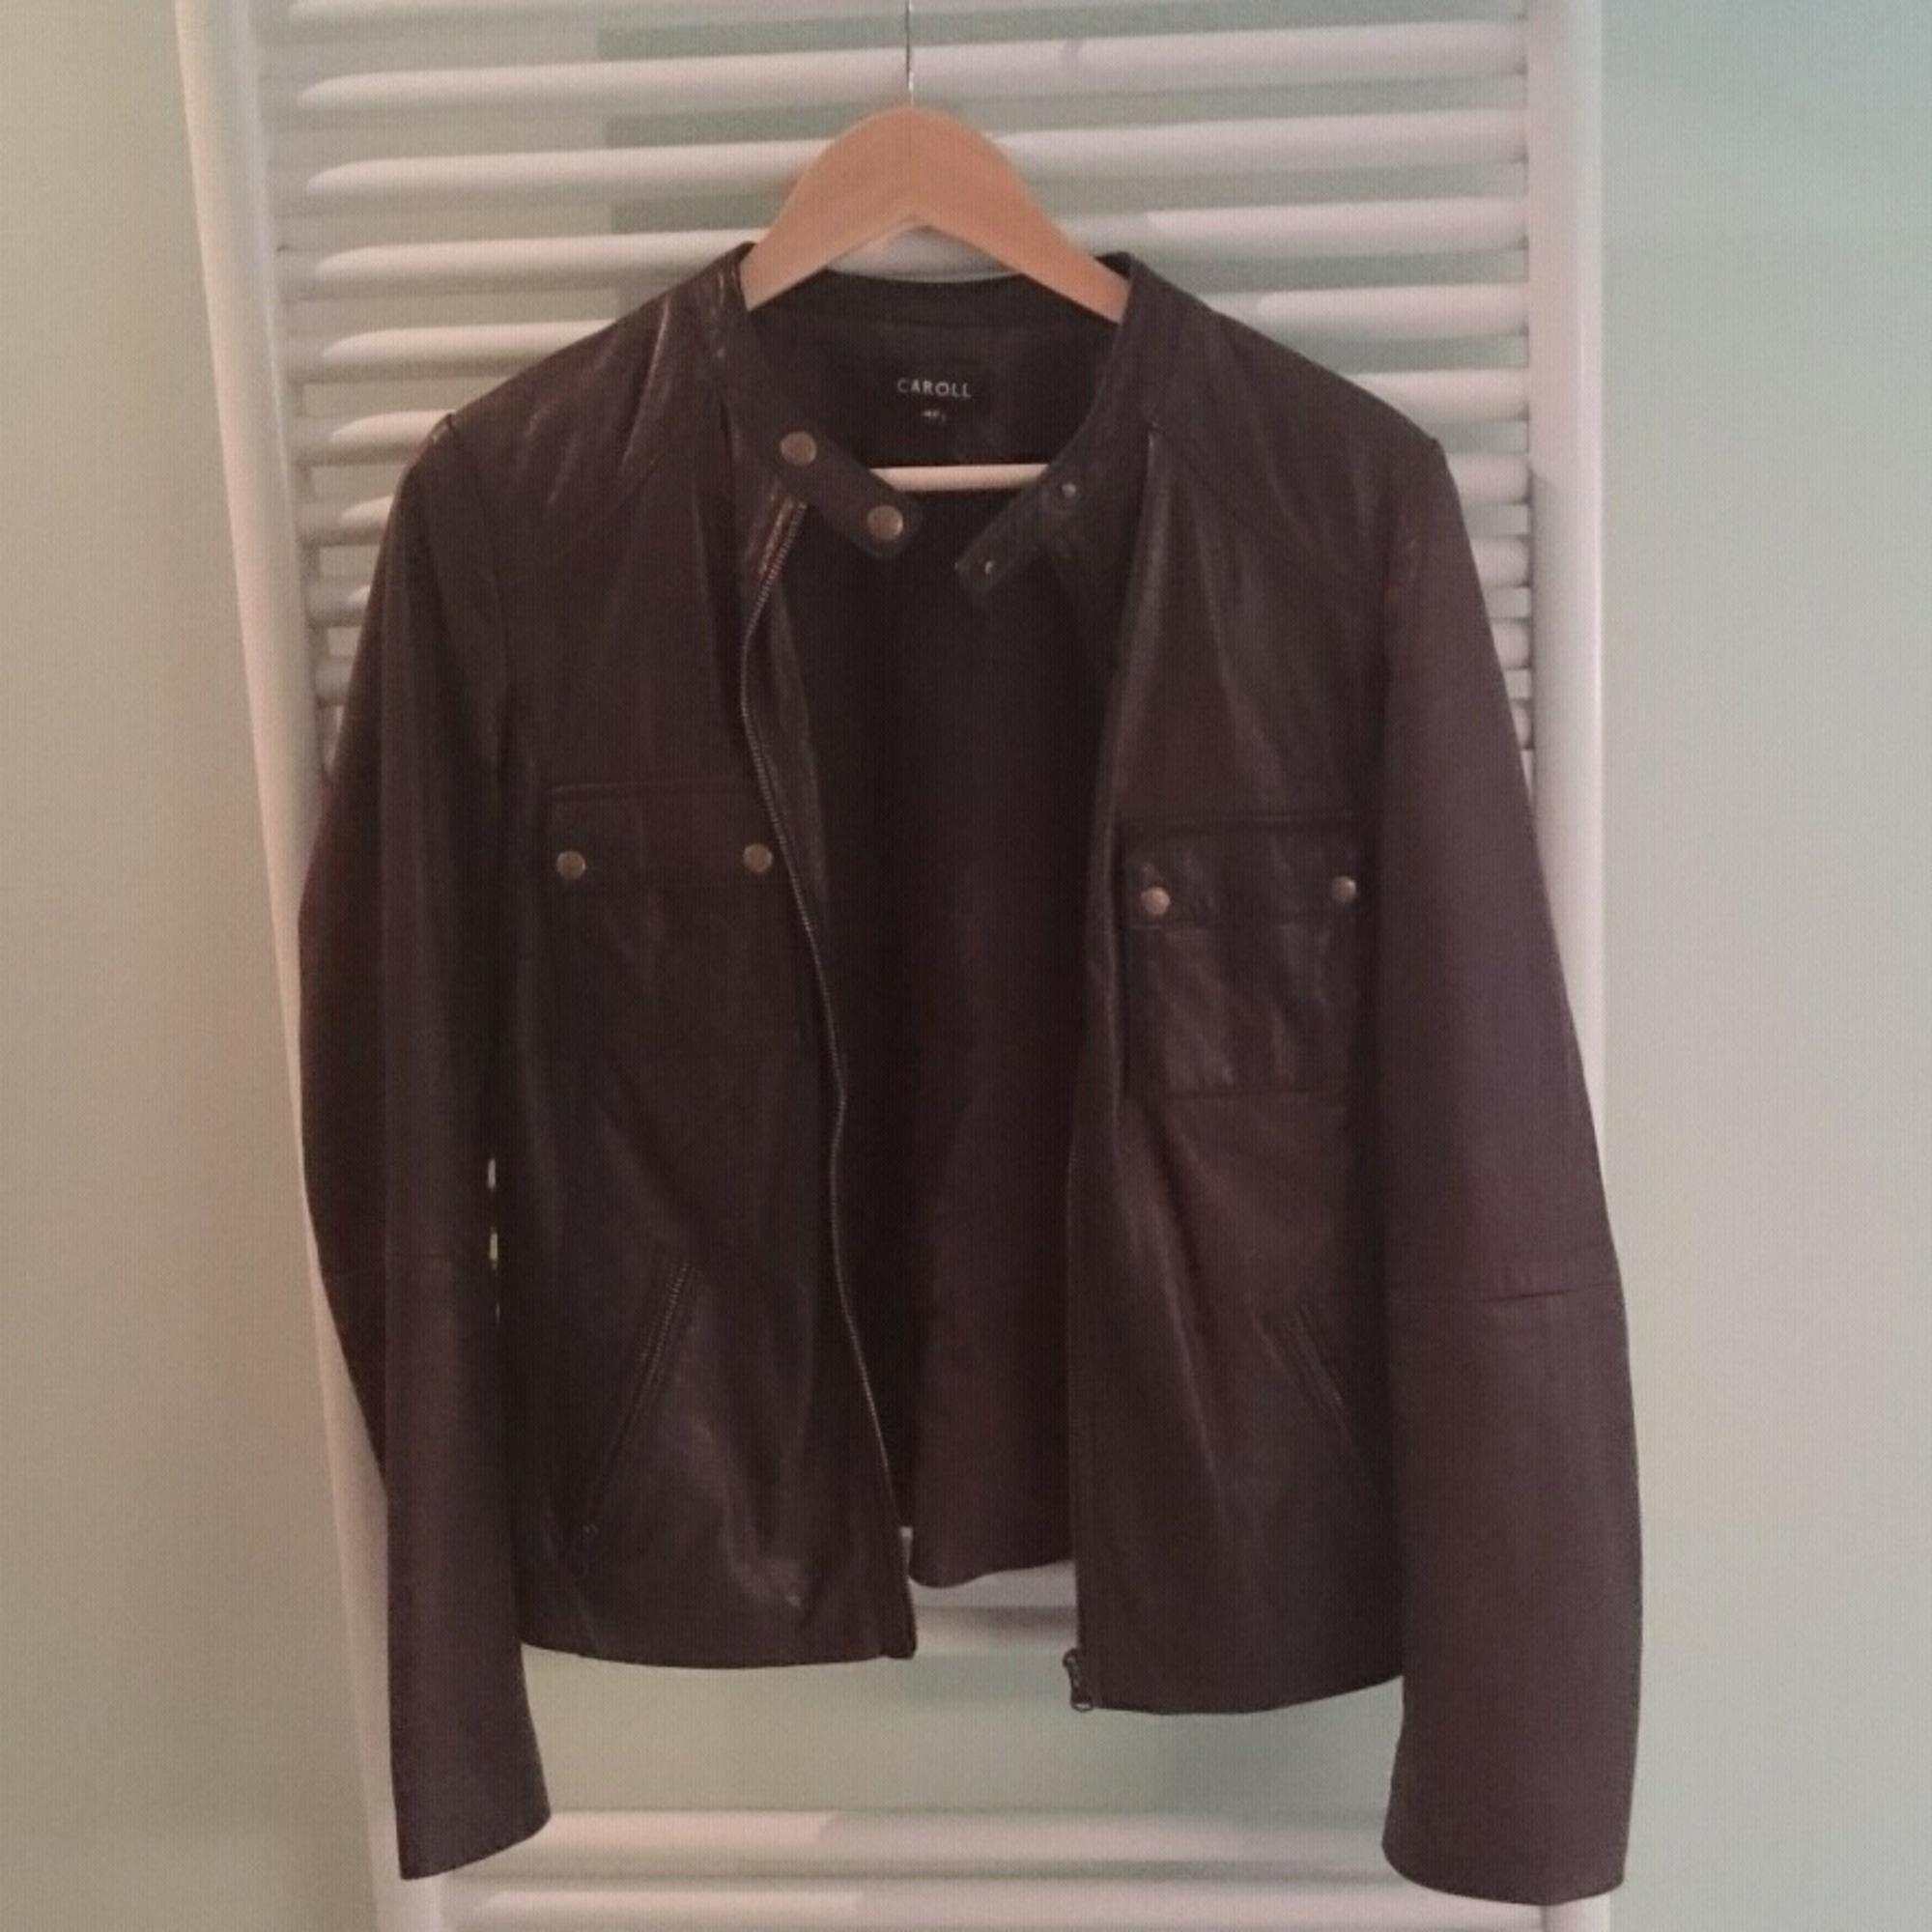 Veste en cuir CAROLL 42 (L XL, T4) marron vendu par Aubertin - 4942943 be12bdf424d